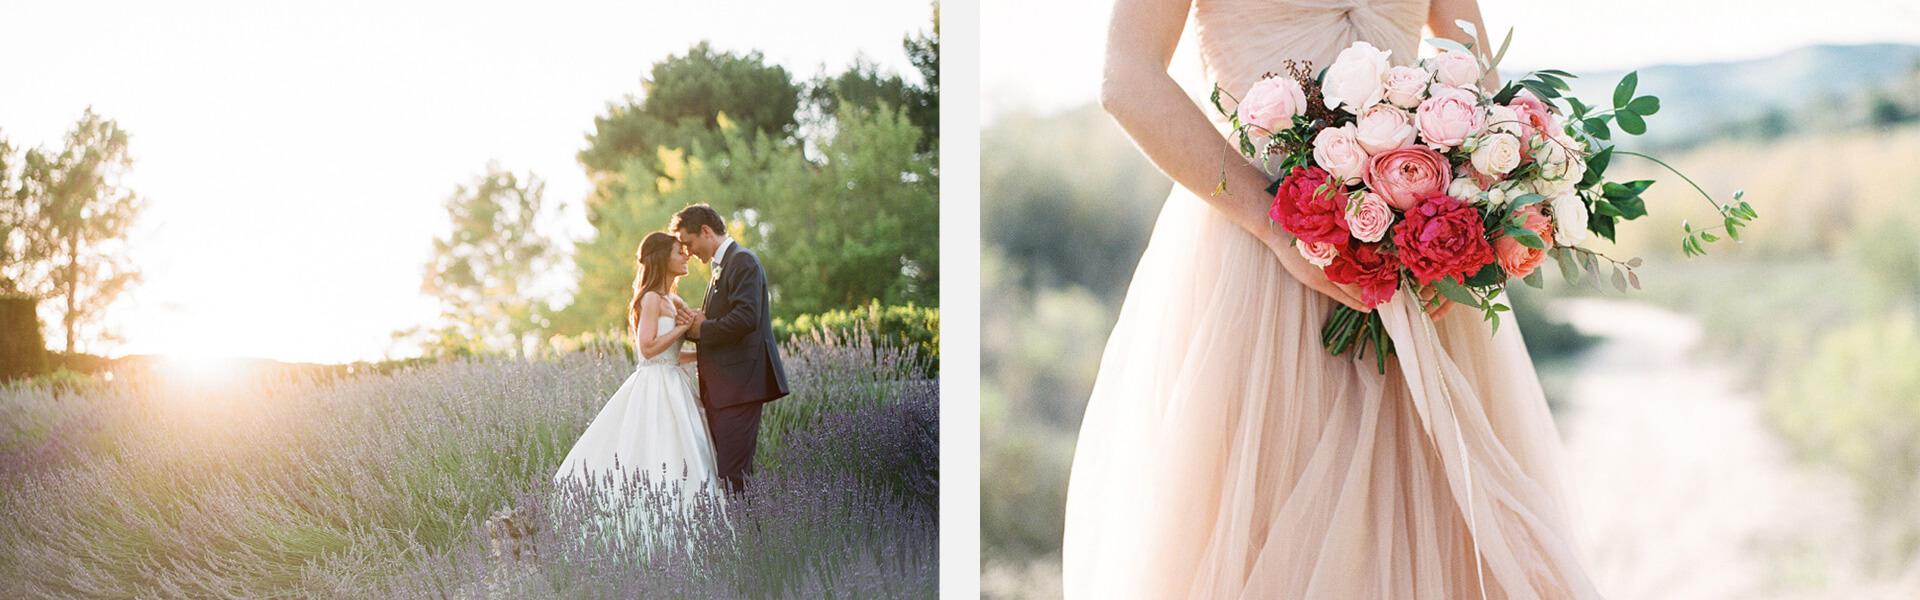 Fine Art esküvőfotó stílus